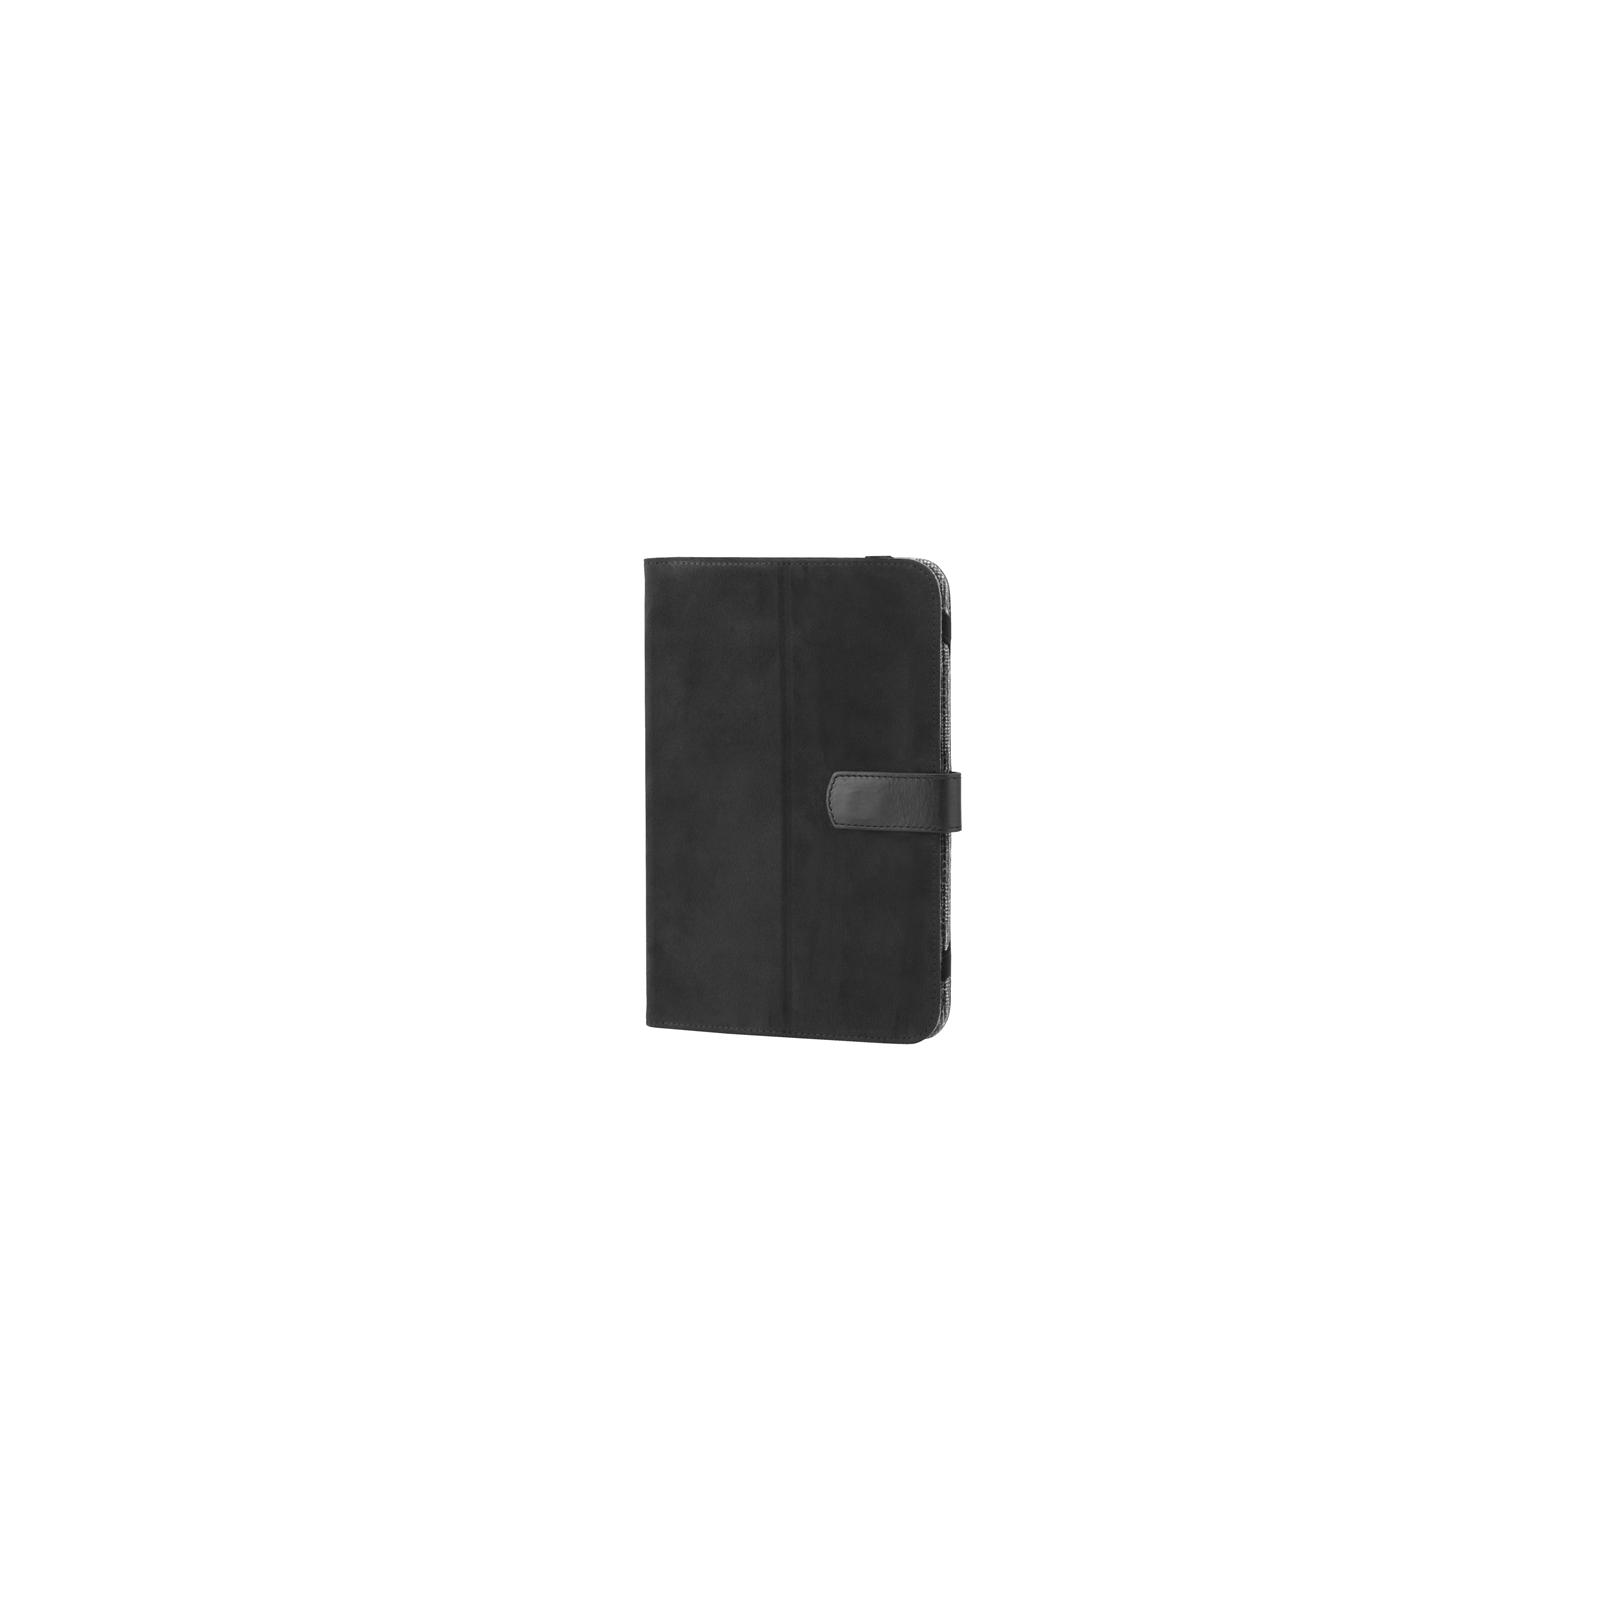 Чехол для планшета Targus 8 Galaxy Note (THZ207EU) изображение 5